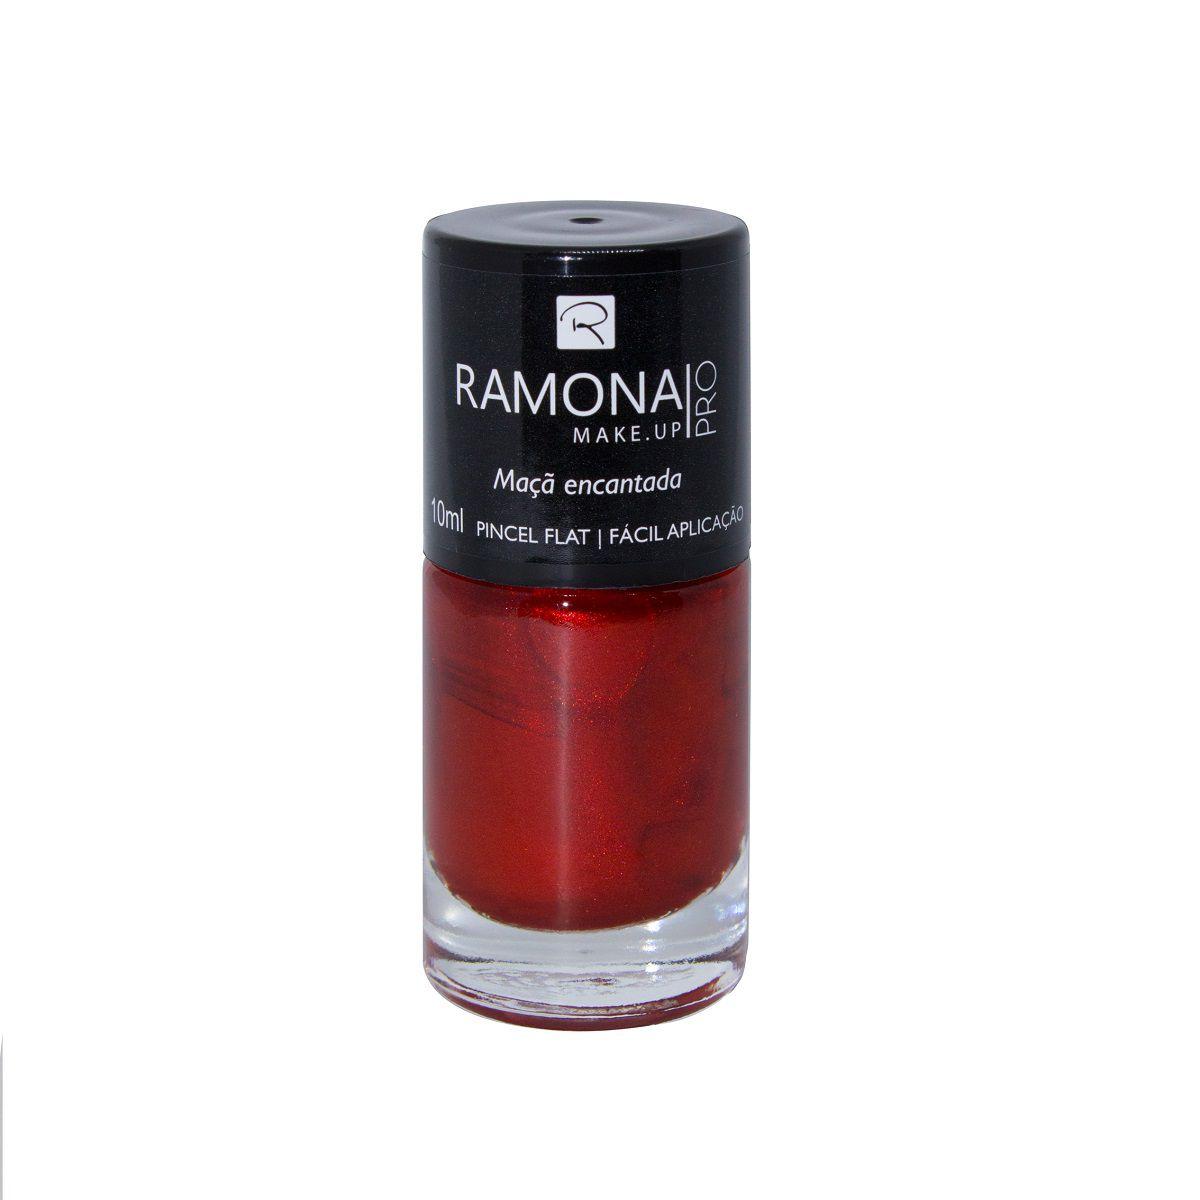 Esmalte cintilante Ramona Cosméticos Maçã encantada 10ml